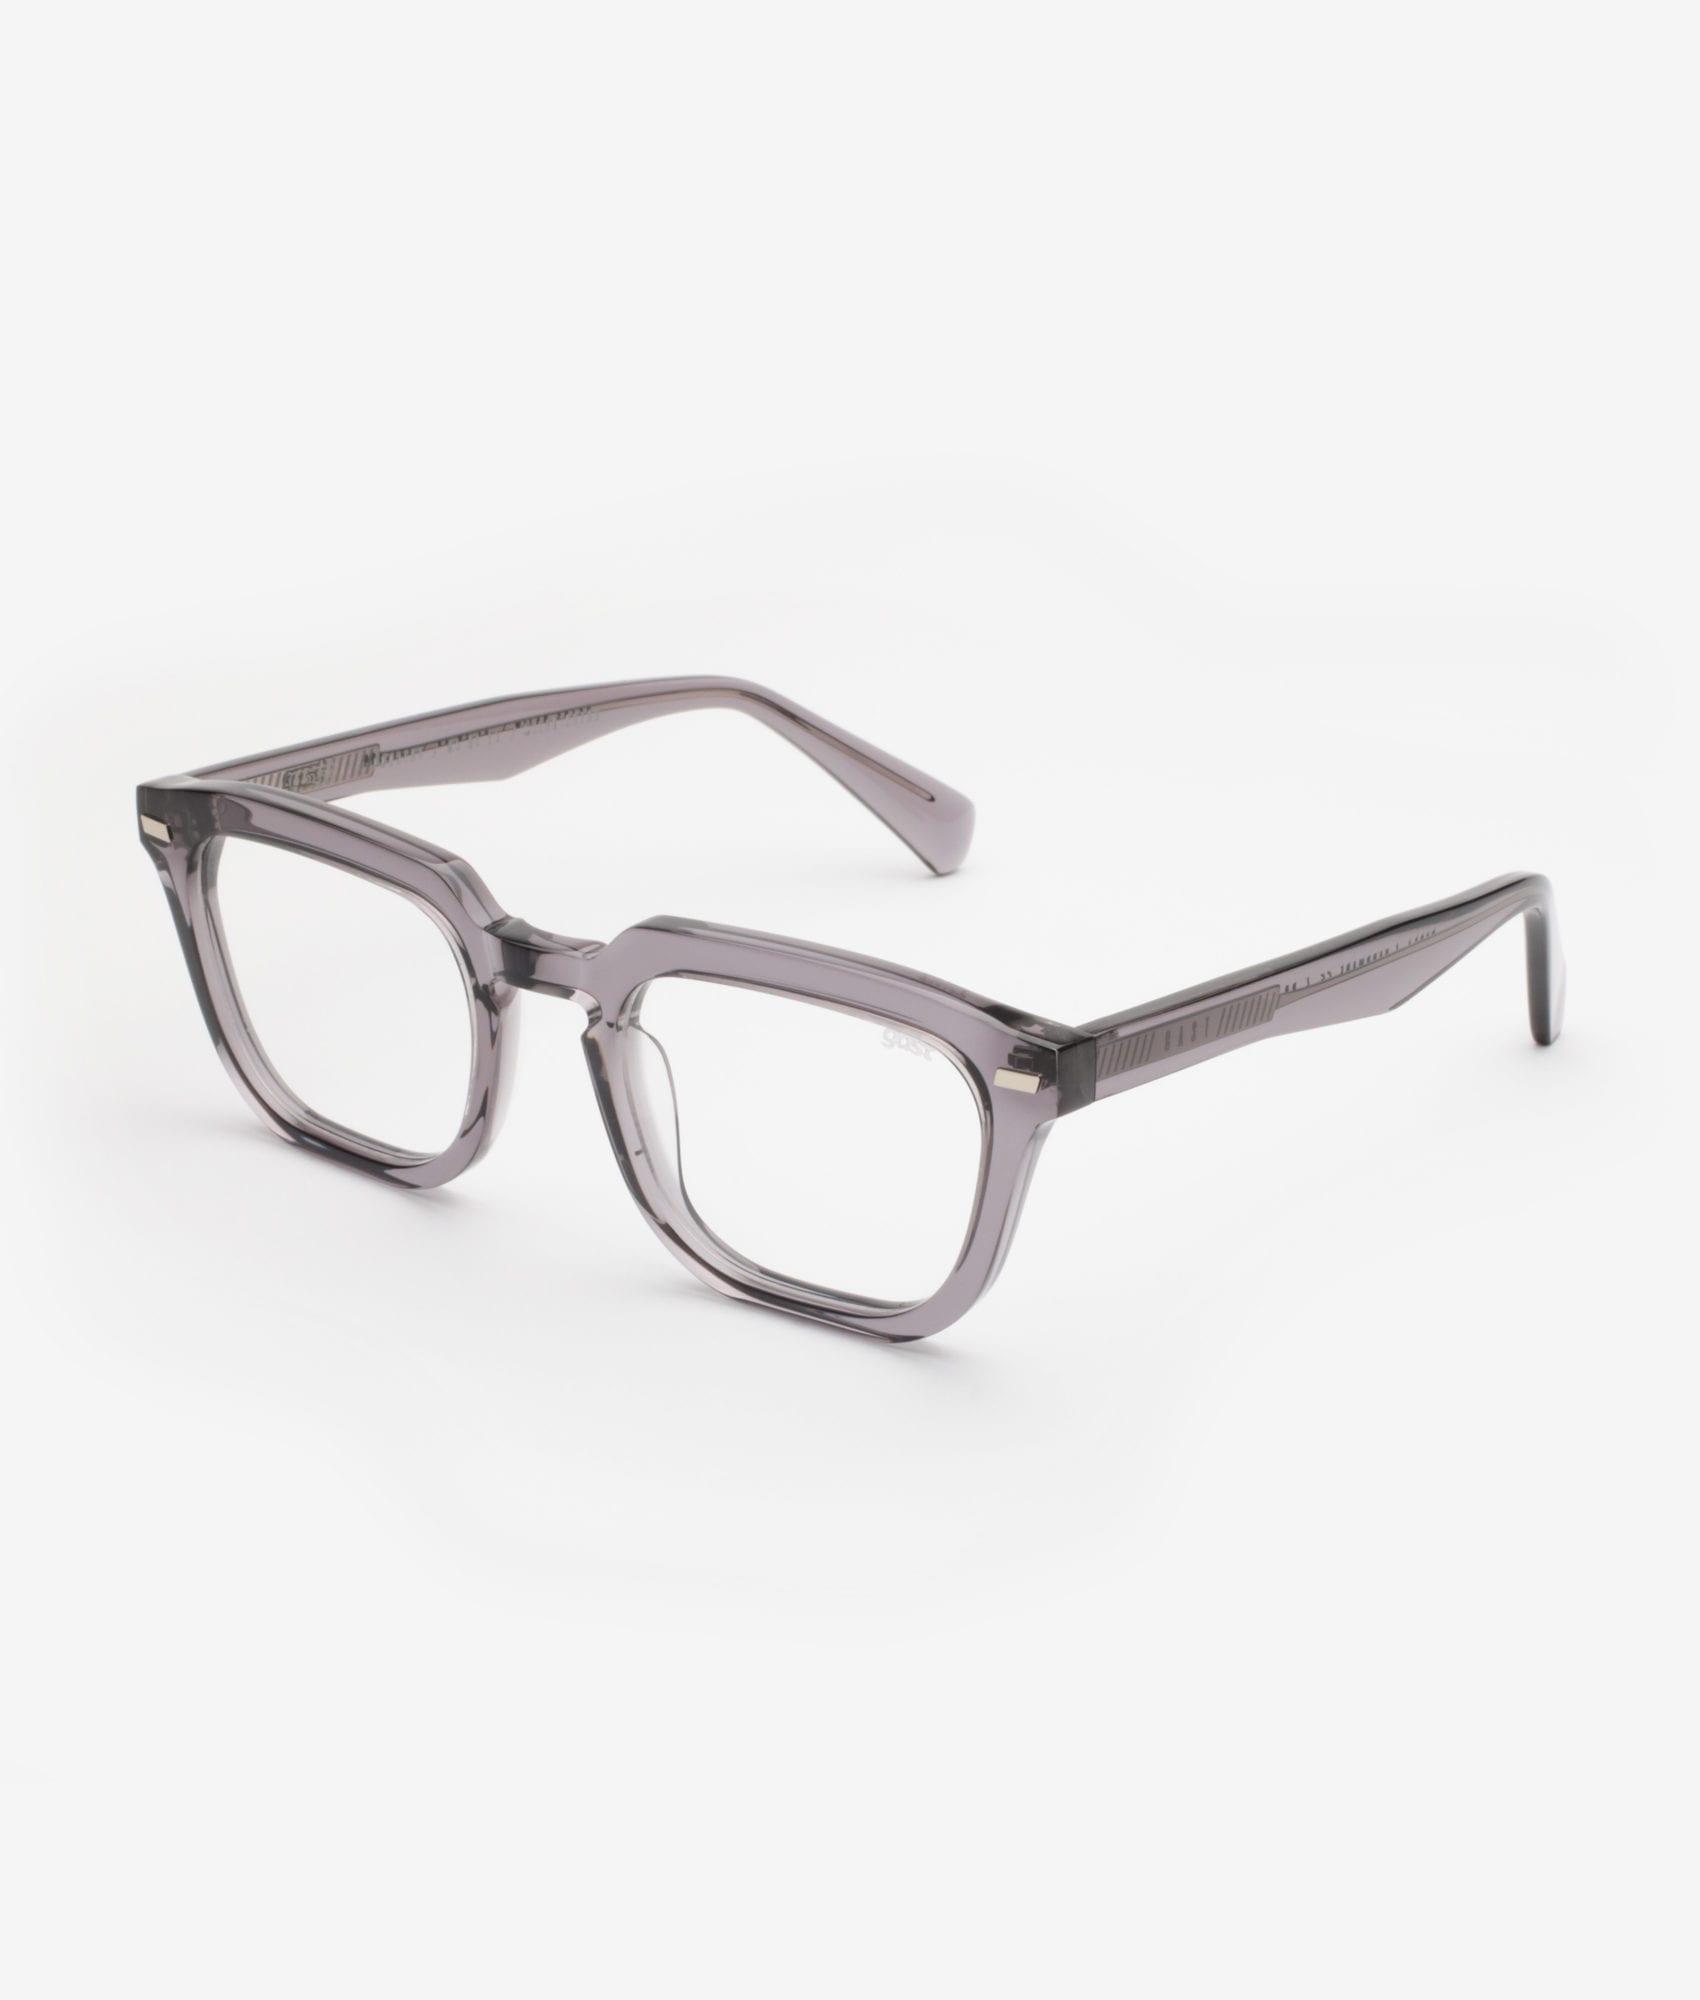 Bagaj Grey Gast eyewear